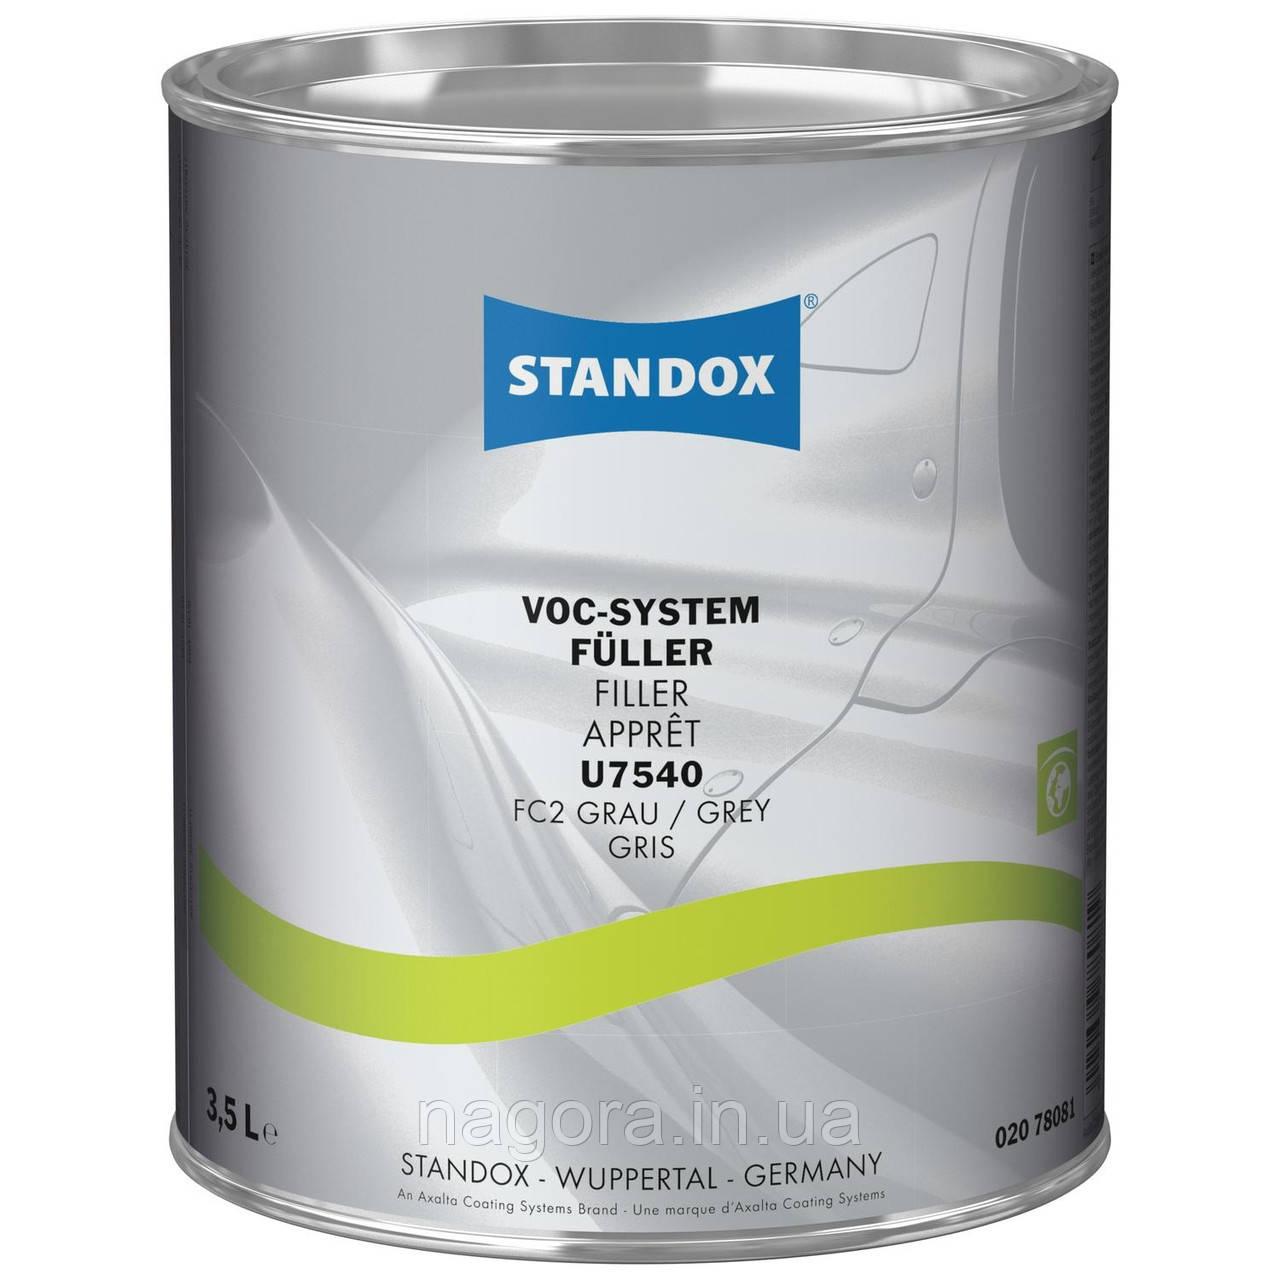 Универсальный грунт-наполнитель Standox VOC System Filler U7540, серый (3.5л)